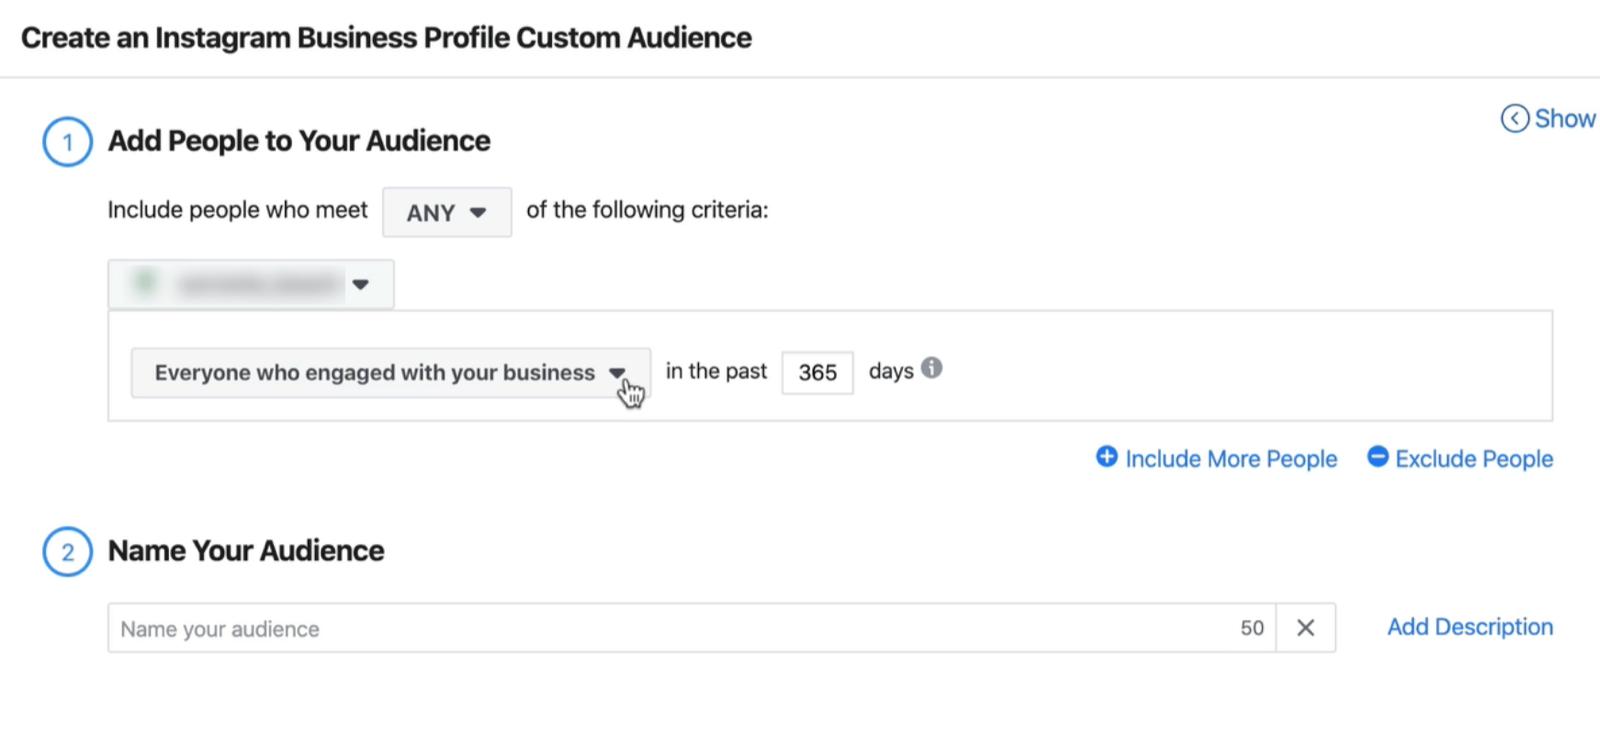 """屏幕快照是""""创建Instagram业务配置文件自定义受众""""窗口的屏幕快照,其中包含过去365天内与您的业务相关的所有人的默认设置"""